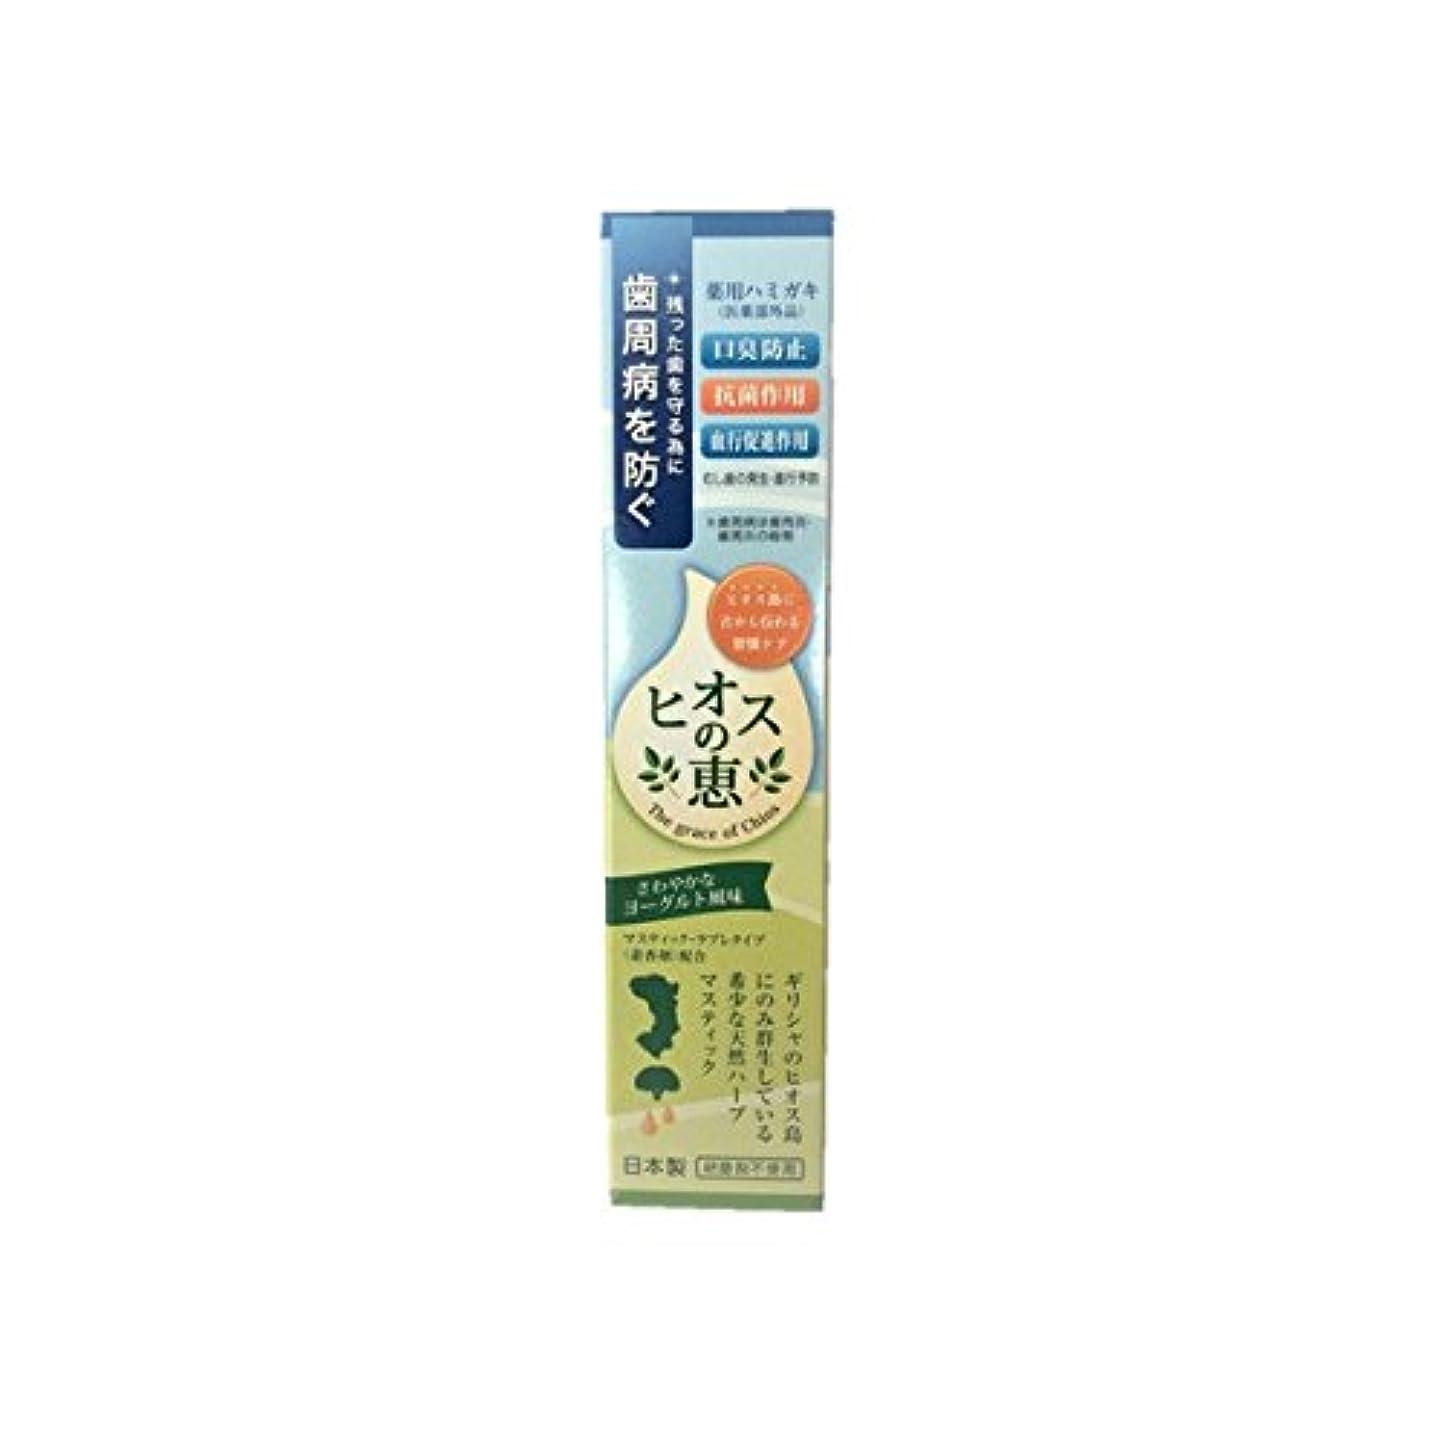 チーズカリキュラムブラインド薬用ハミガキ ヒオスの恵 60g